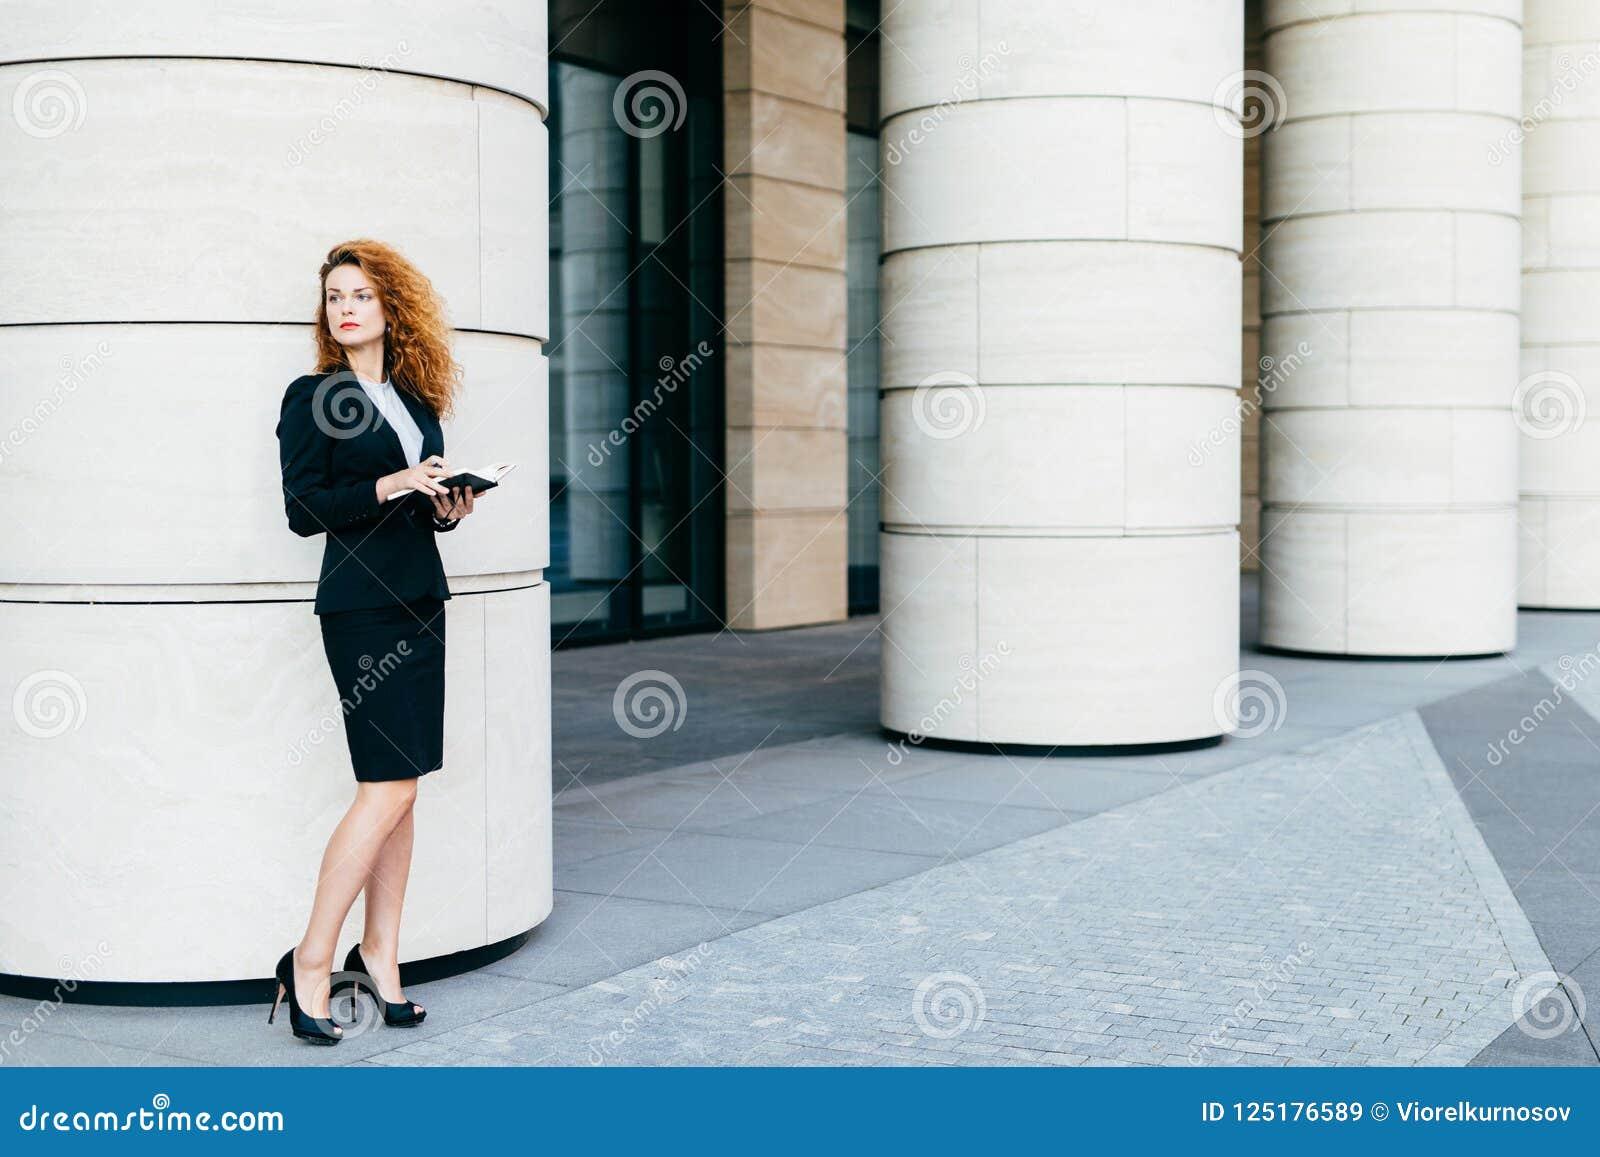 Mooie vrouw met krullend haar, slanke benen, die zwart kostuum en high-heeled schoenen dragen, houdend notitieboekje in handen, d